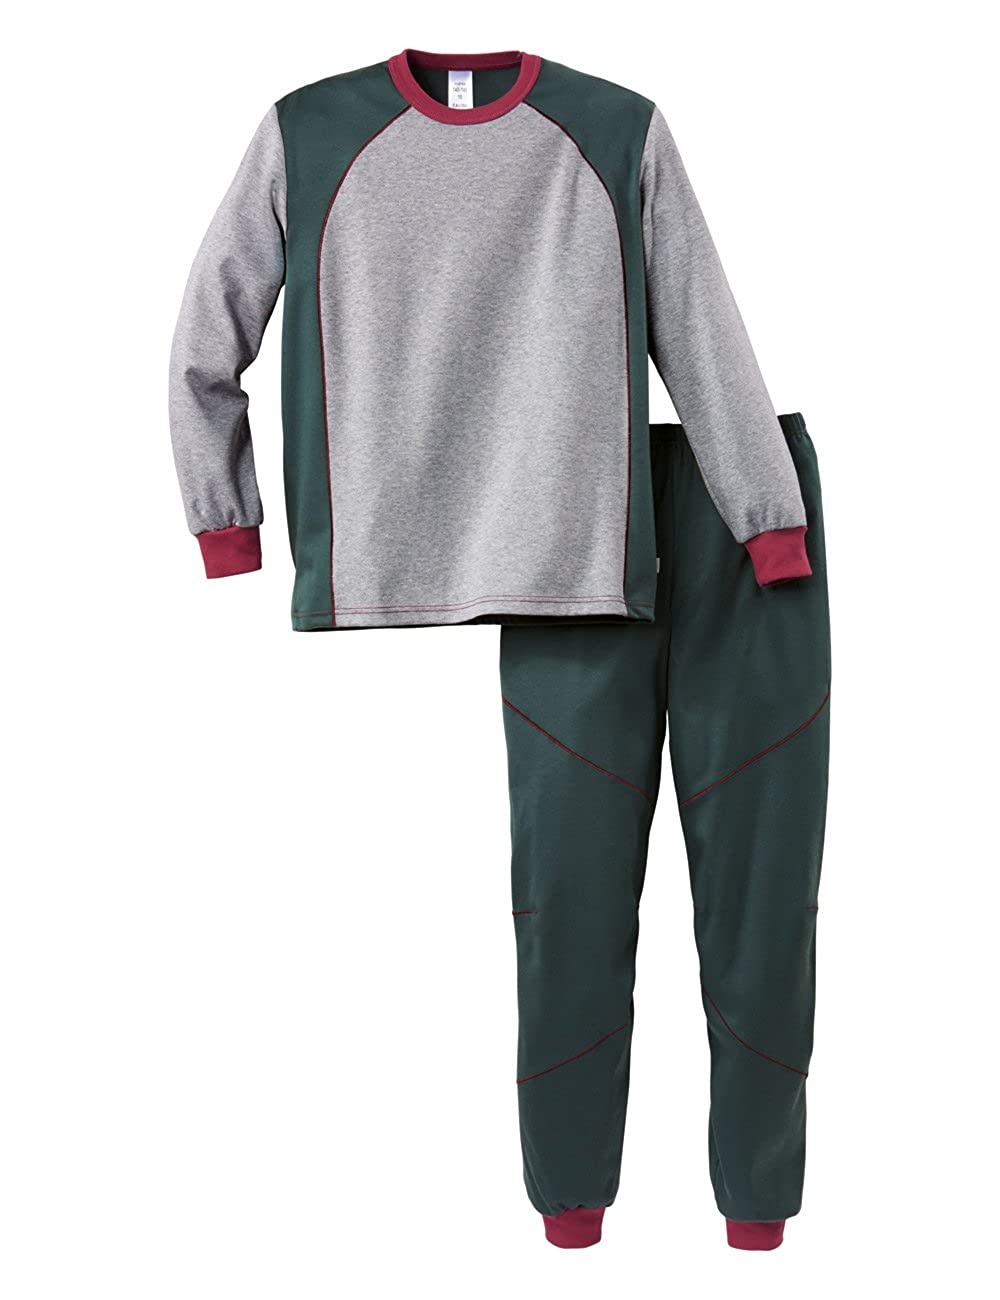 Calida Arctic Hero KNABEN Pyjama mit Bündchen, Conjuntos de Pijama para Niños, Gris (Cinder Grey 858), 152 cm: Amazon.es: Ropa y accesorios